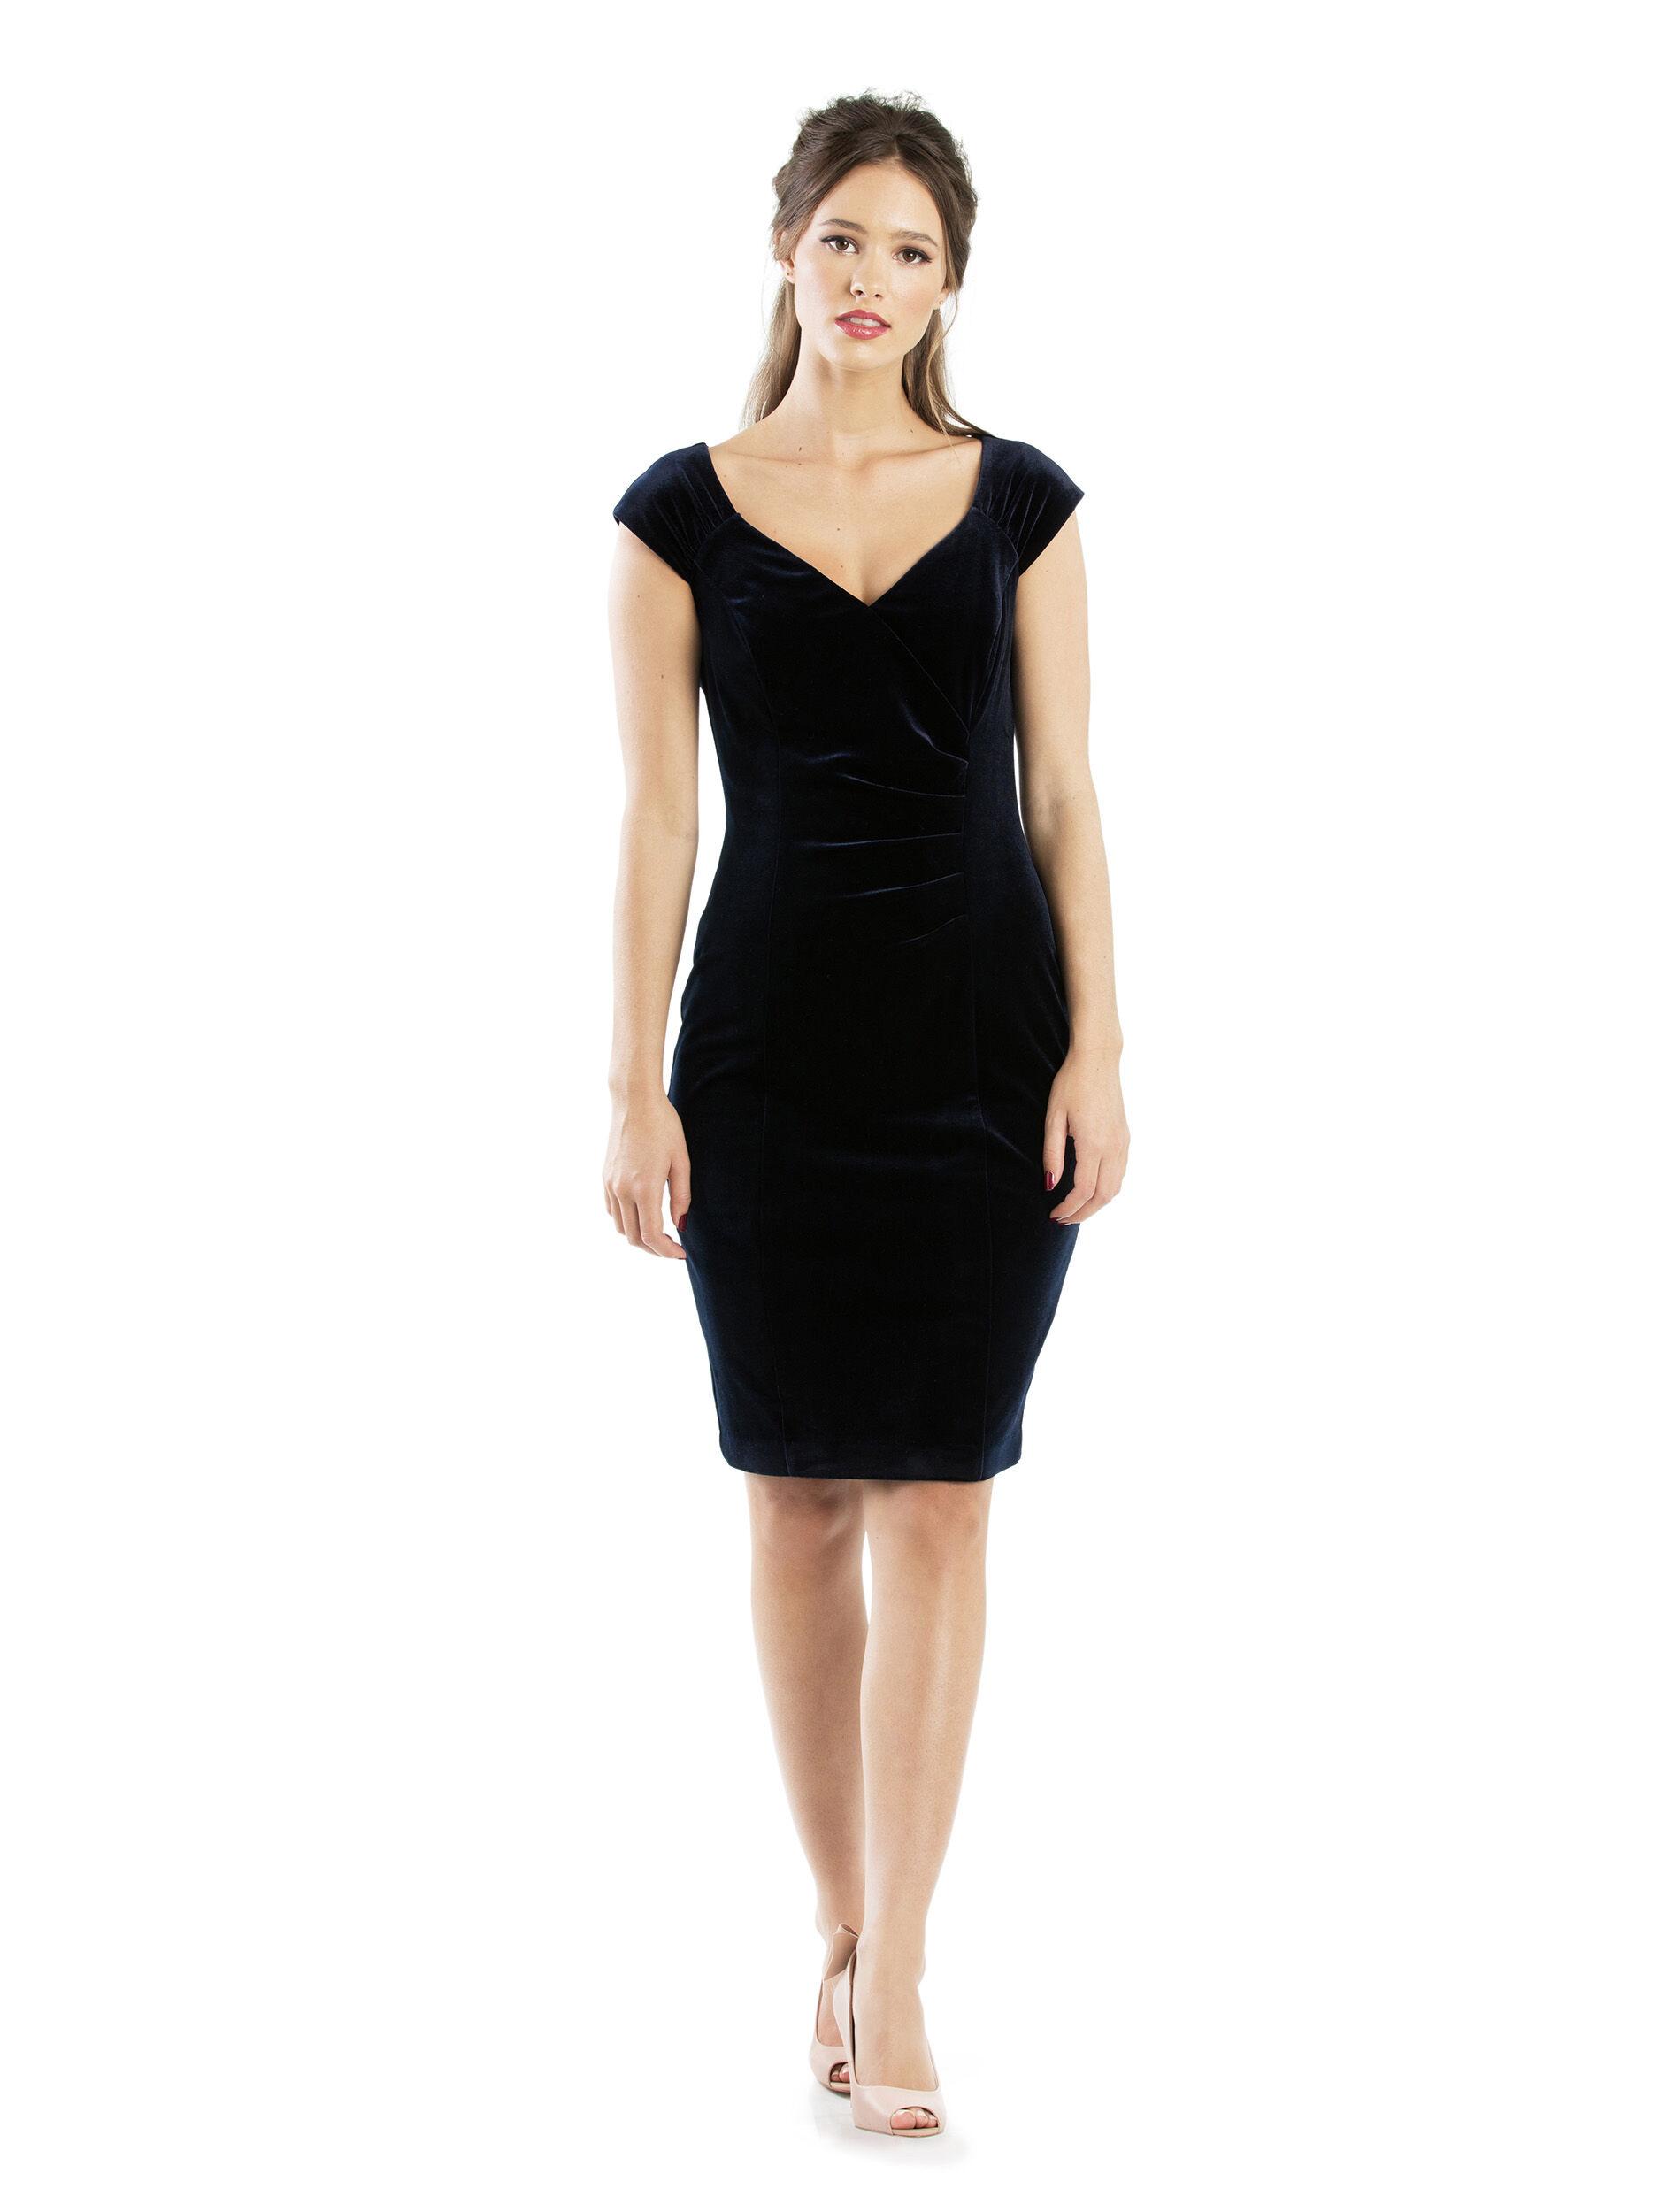 Infatuation Dress